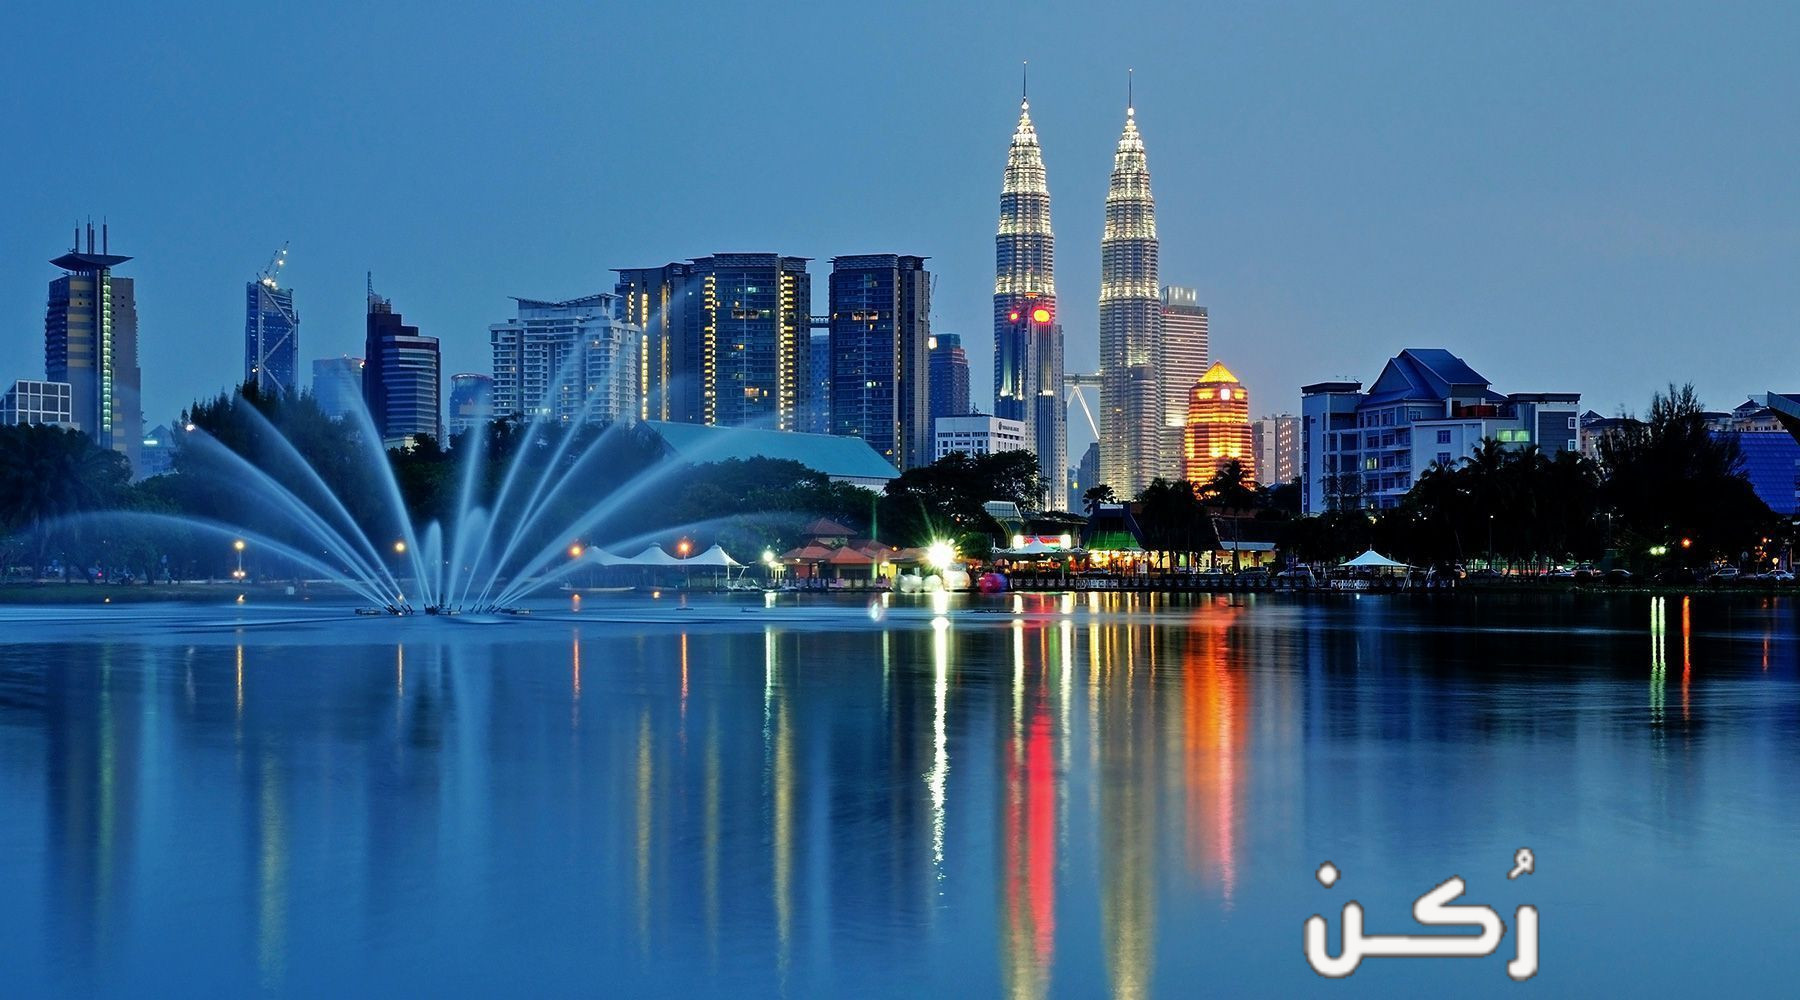 أهم الأماكن السياحية في ماليزيا لسفر العوائل